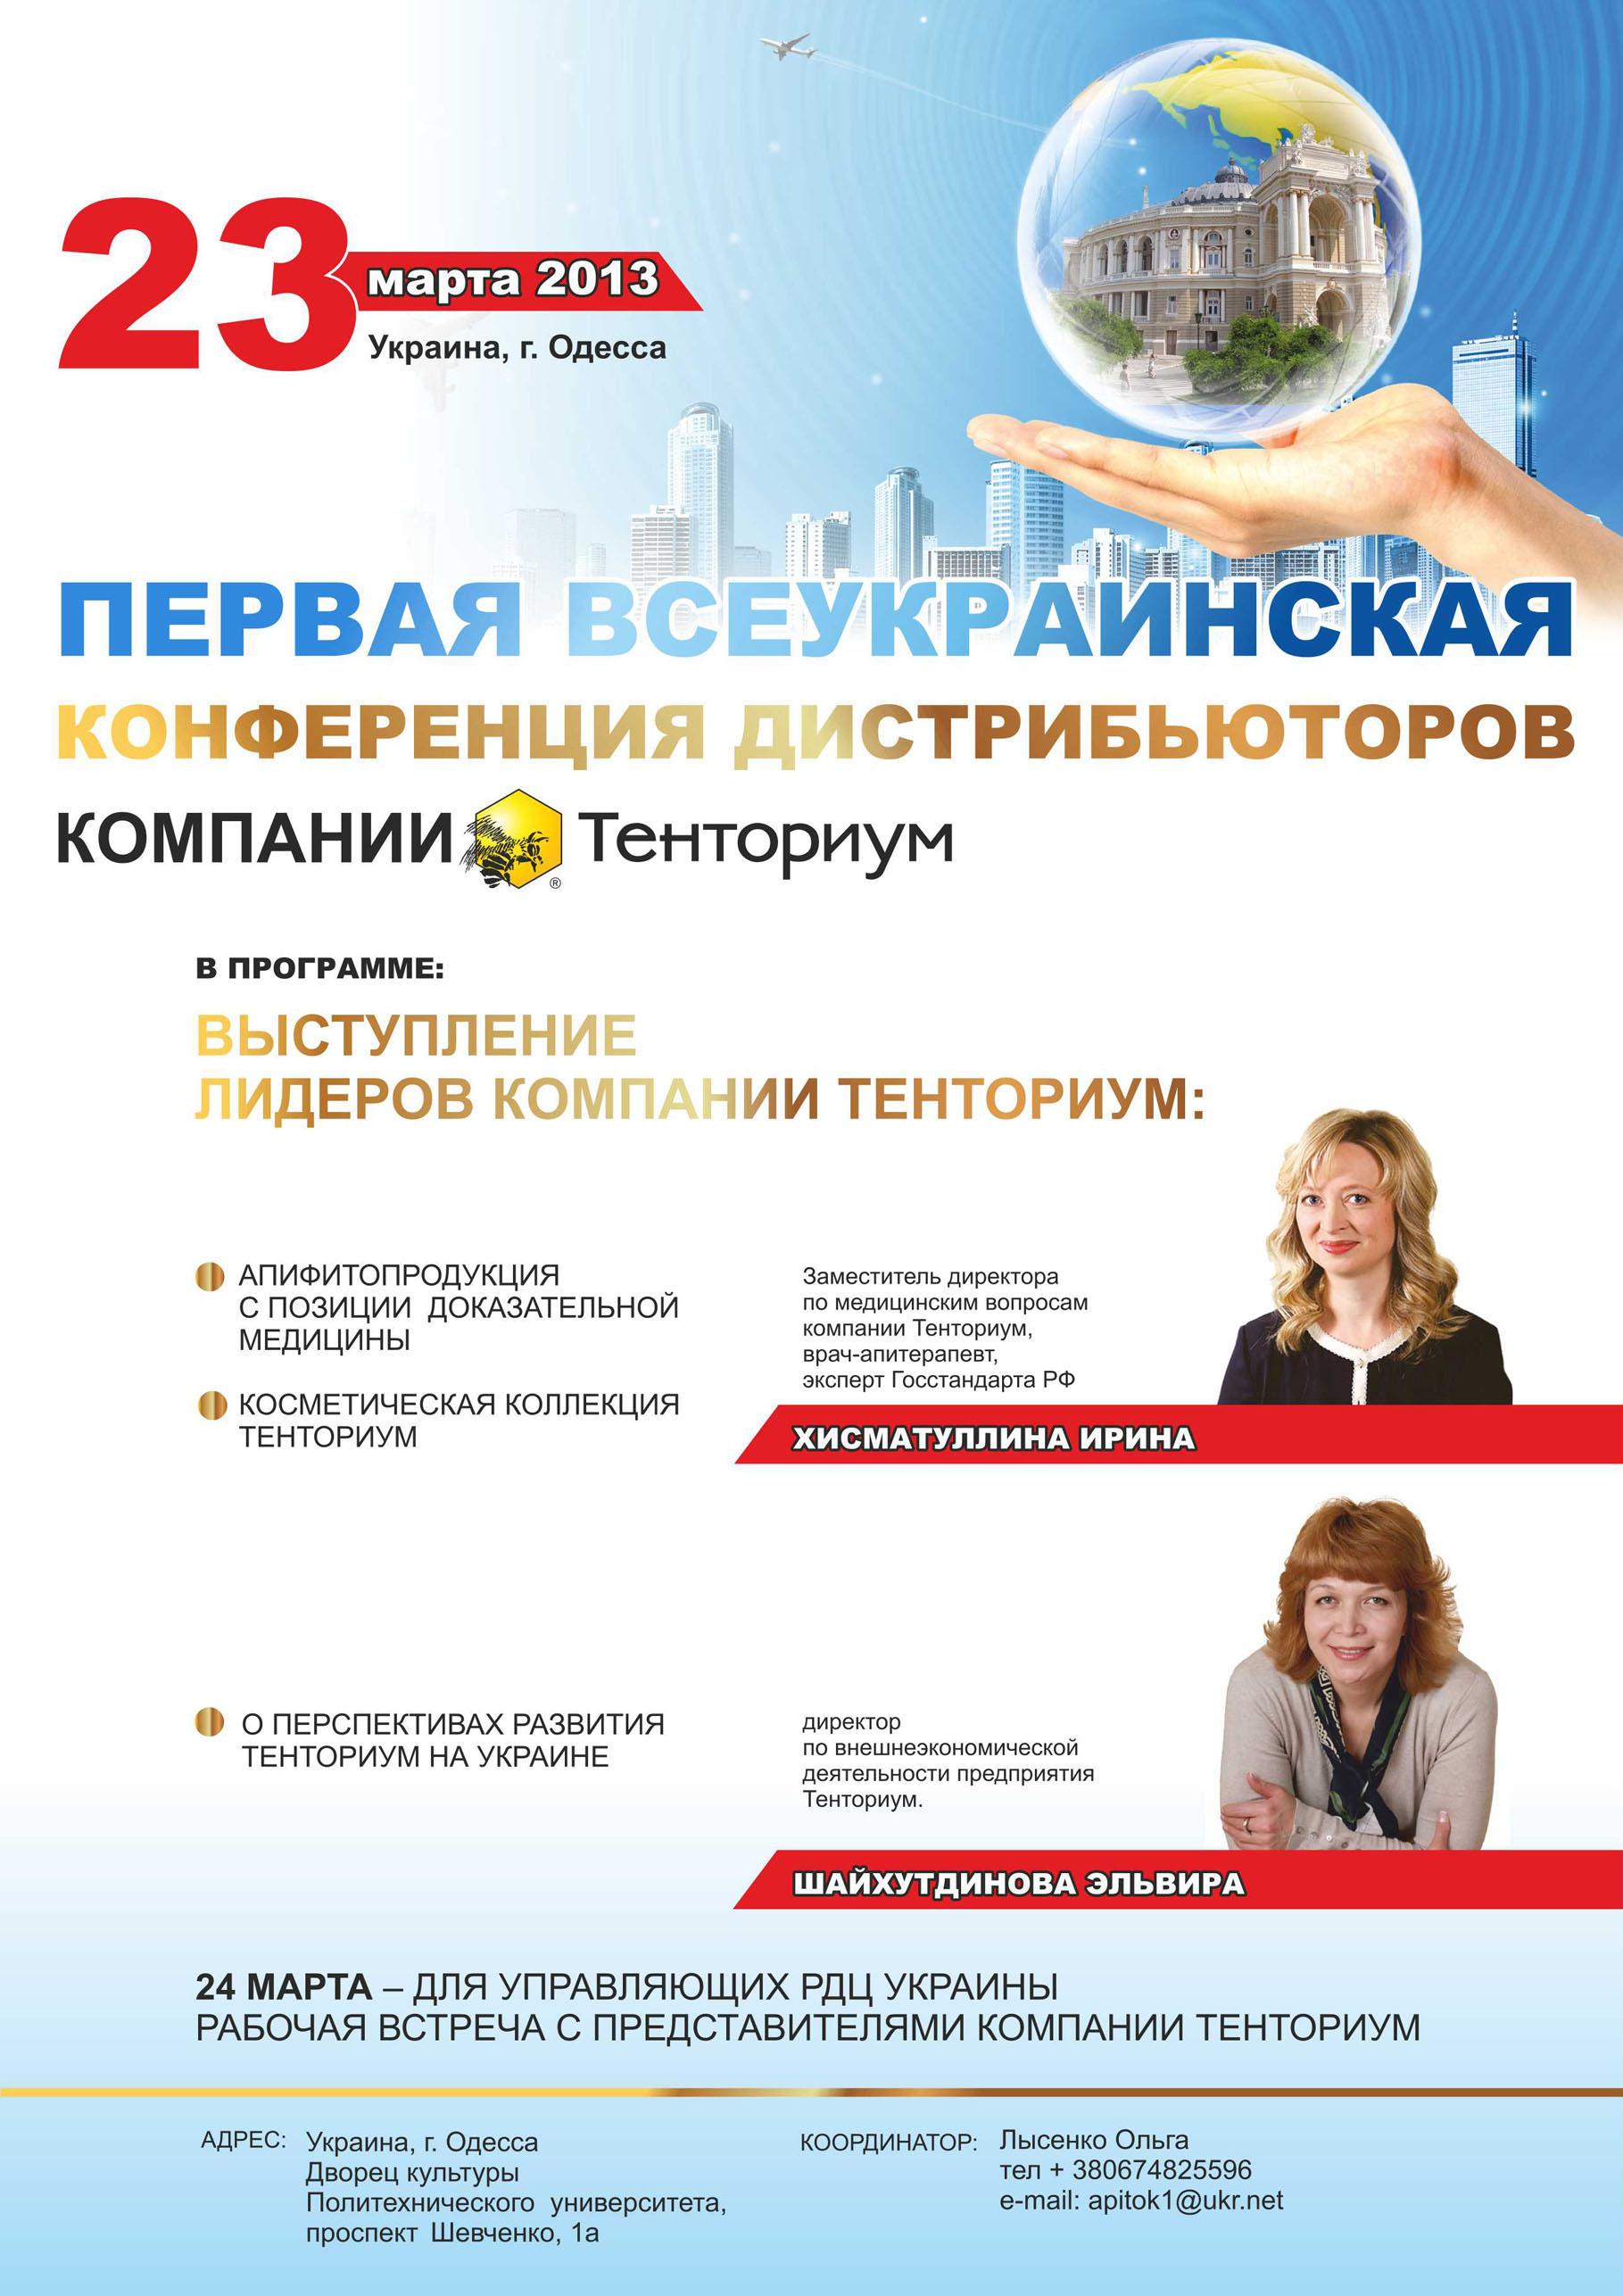 Первая Всеукраинская конференция Тенториум